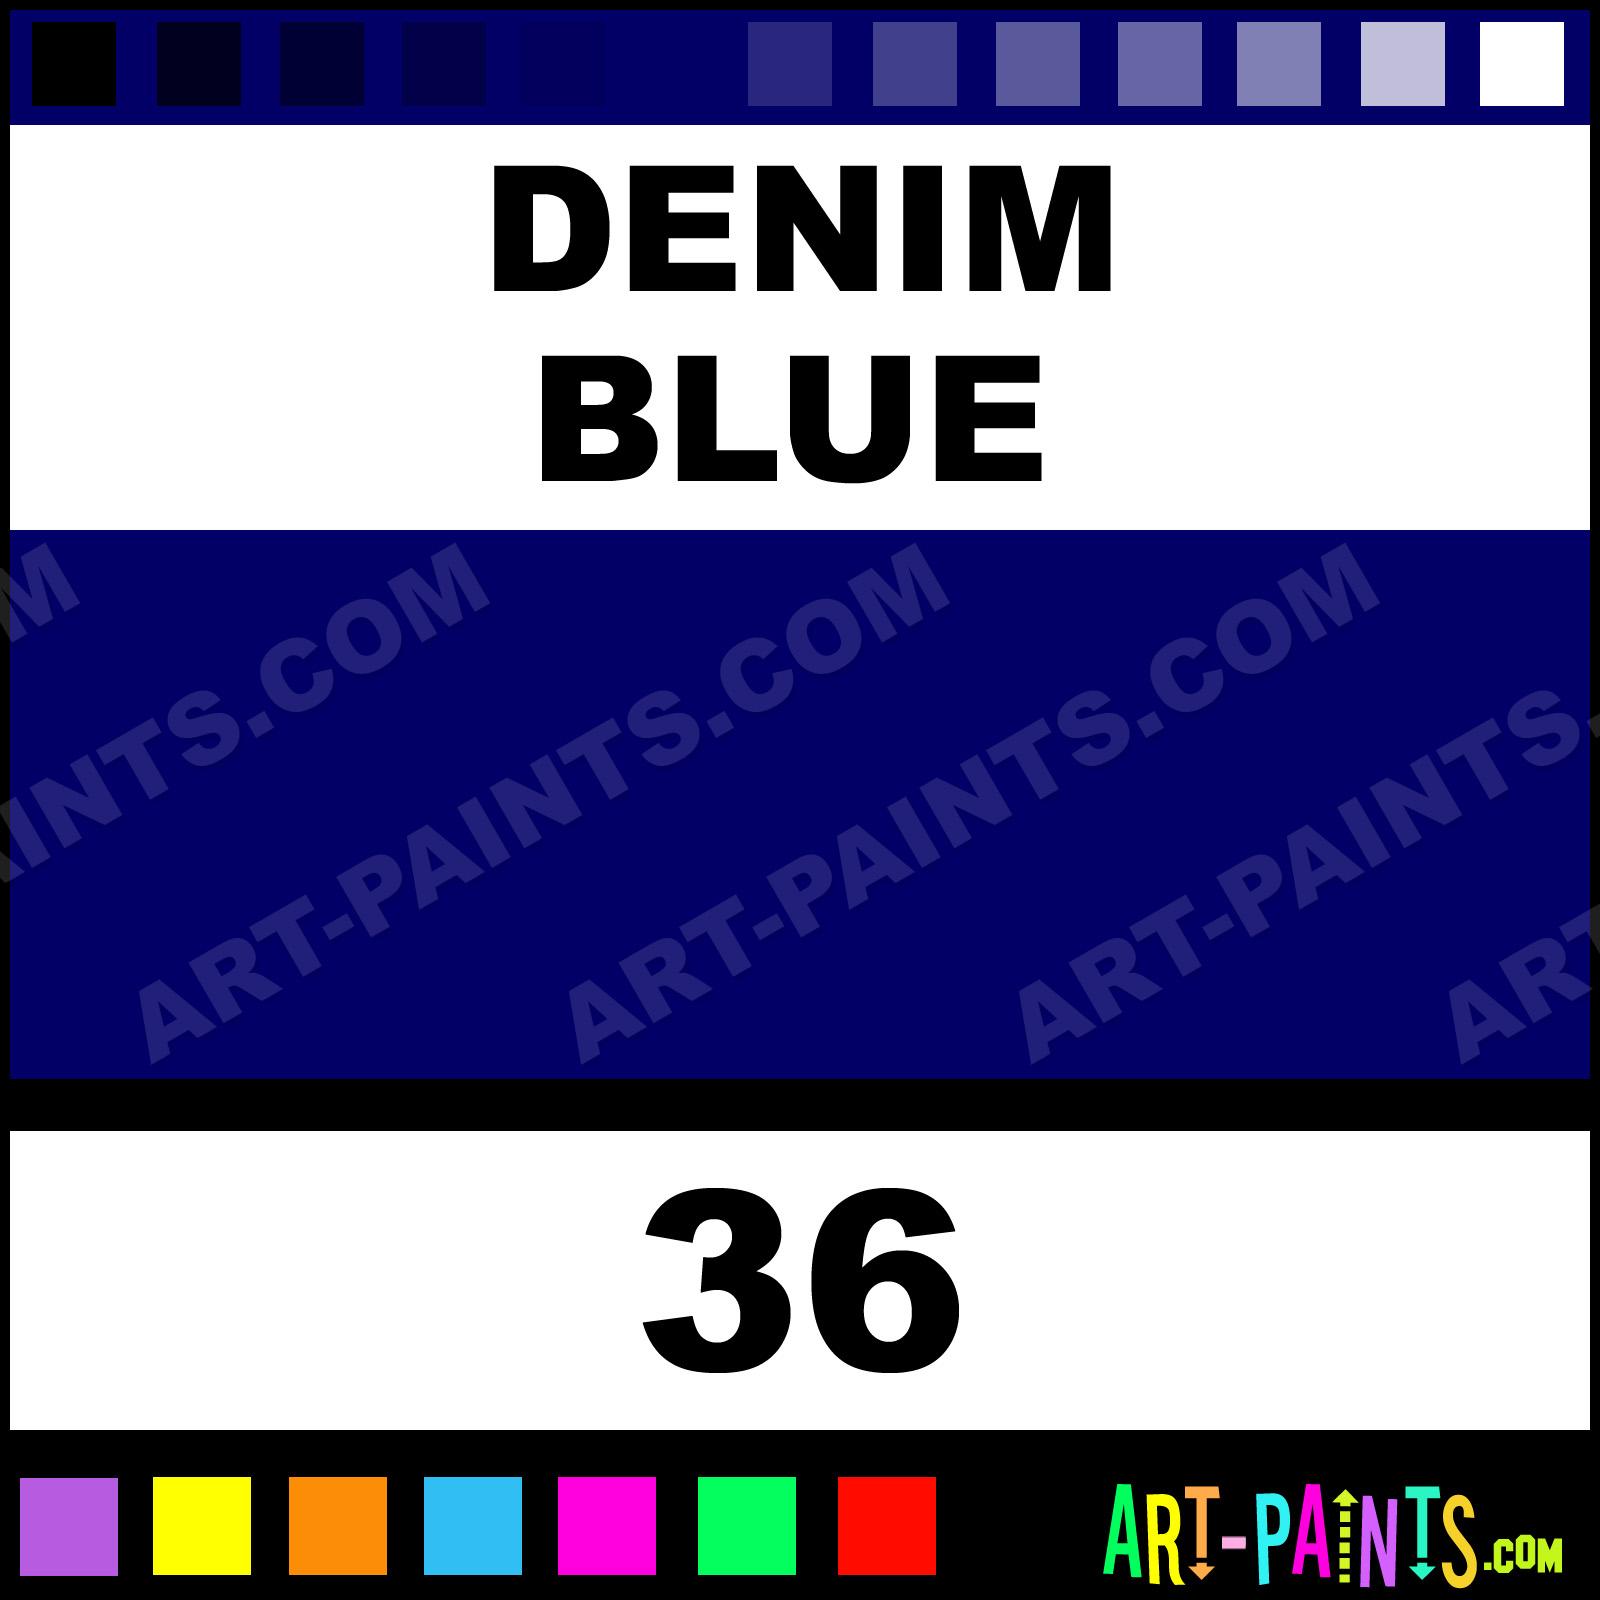 Denim blue liquid fabric textile paints 36 denim blue paint denim blue nvjuhfo Image collections